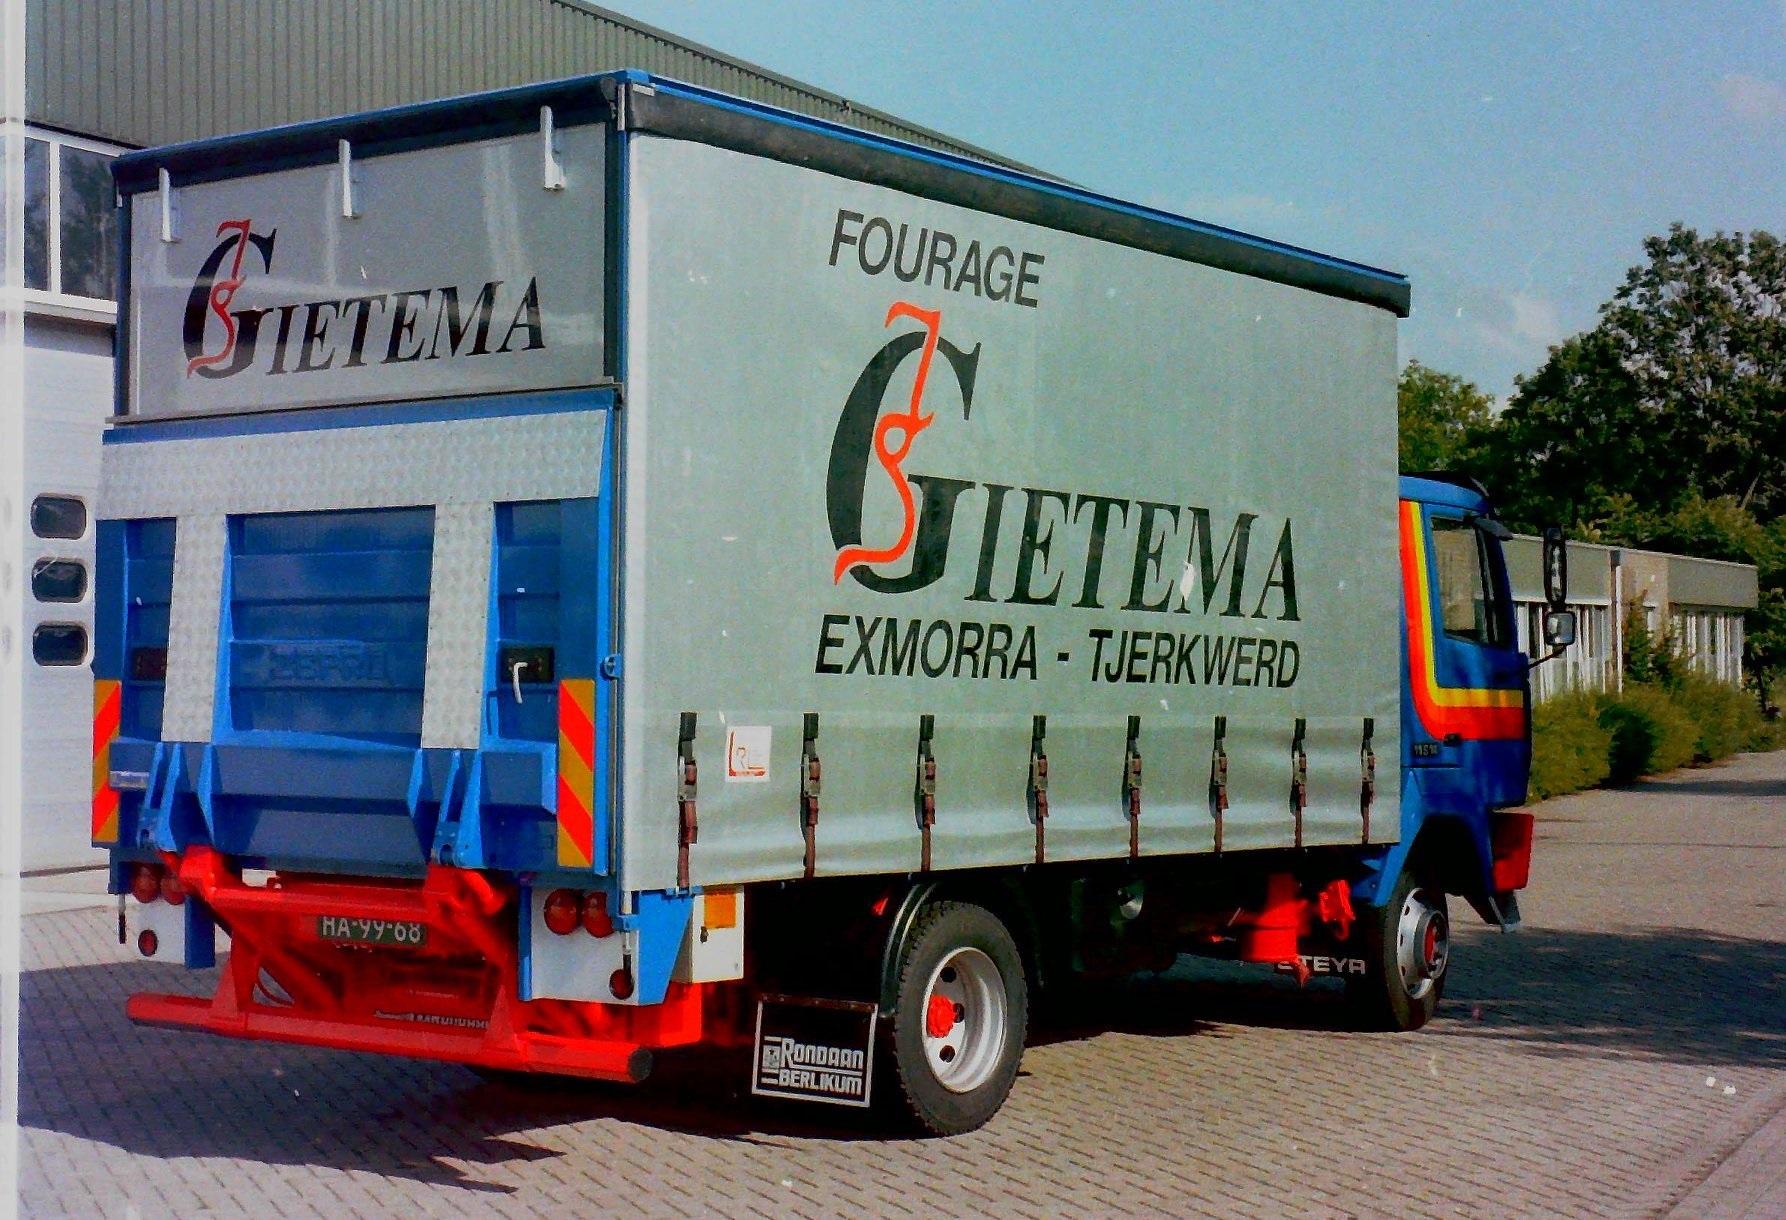 Steyr-van-Gietema-uit-Exmorra-en-Tjerkwerd-is-opgebouwd-door-Rondaan-in-Berlikum-2